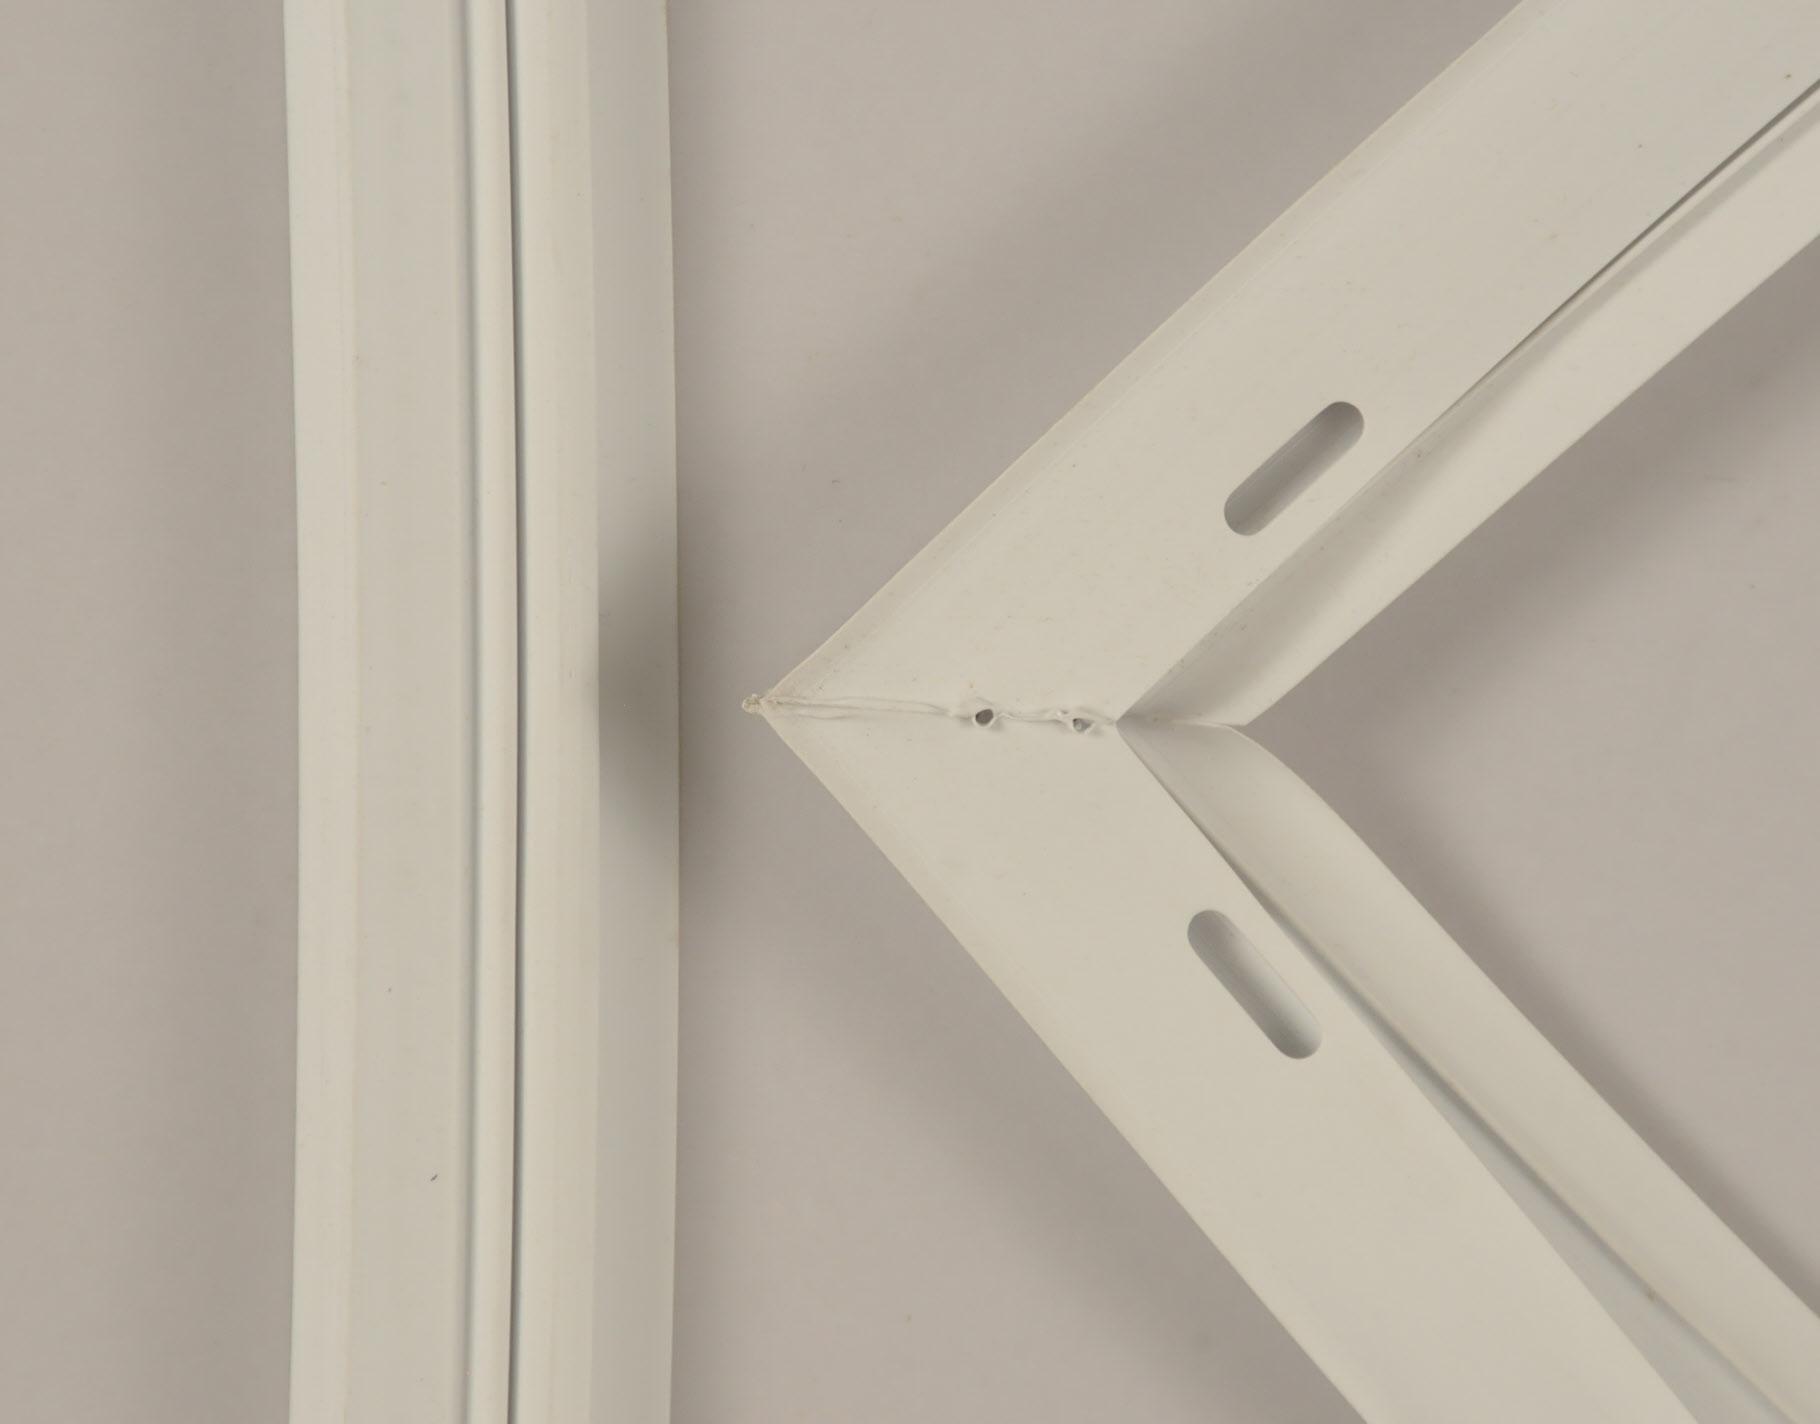 WP70048-1 Montgomery Wards Refrigerator Part -Door Gasket